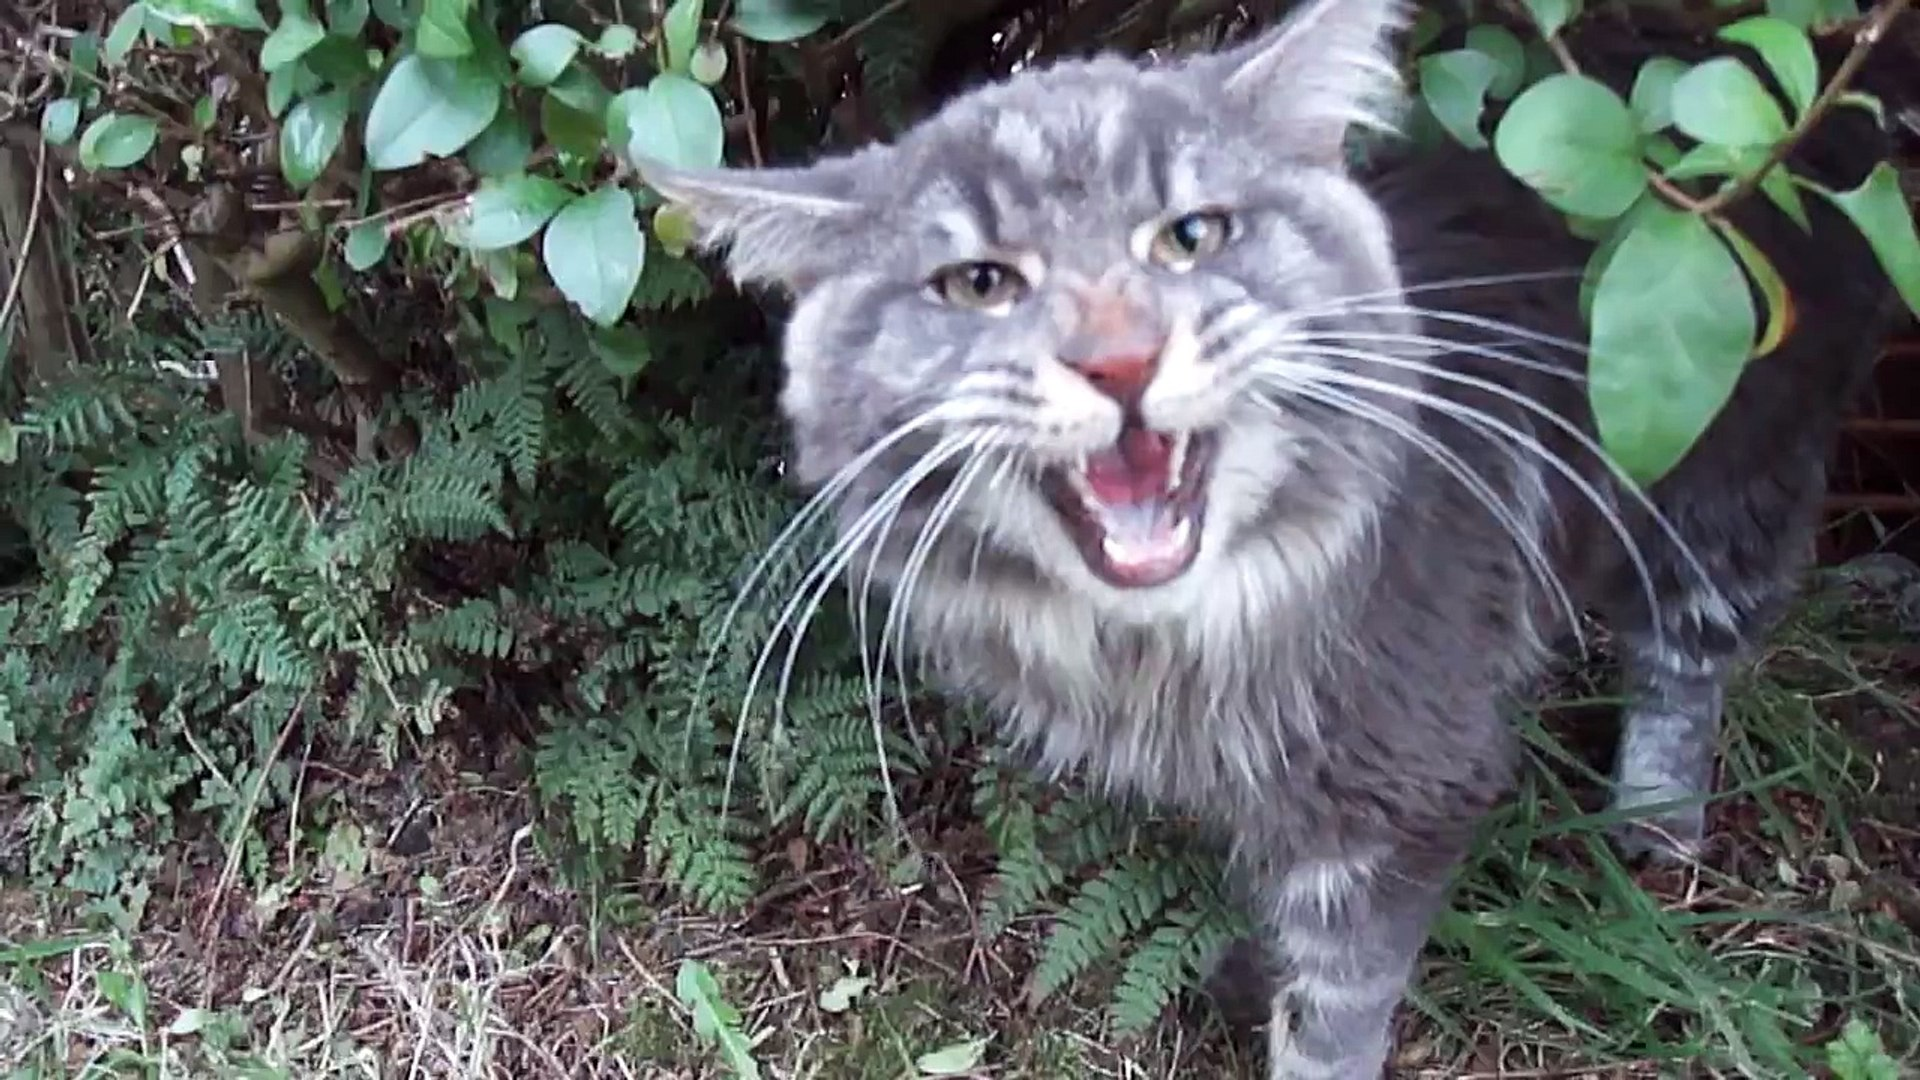 Mamy ¦mieszn± ¦rodê, czas wiêc na kolejny s³odki i zabawny filmik z kotem